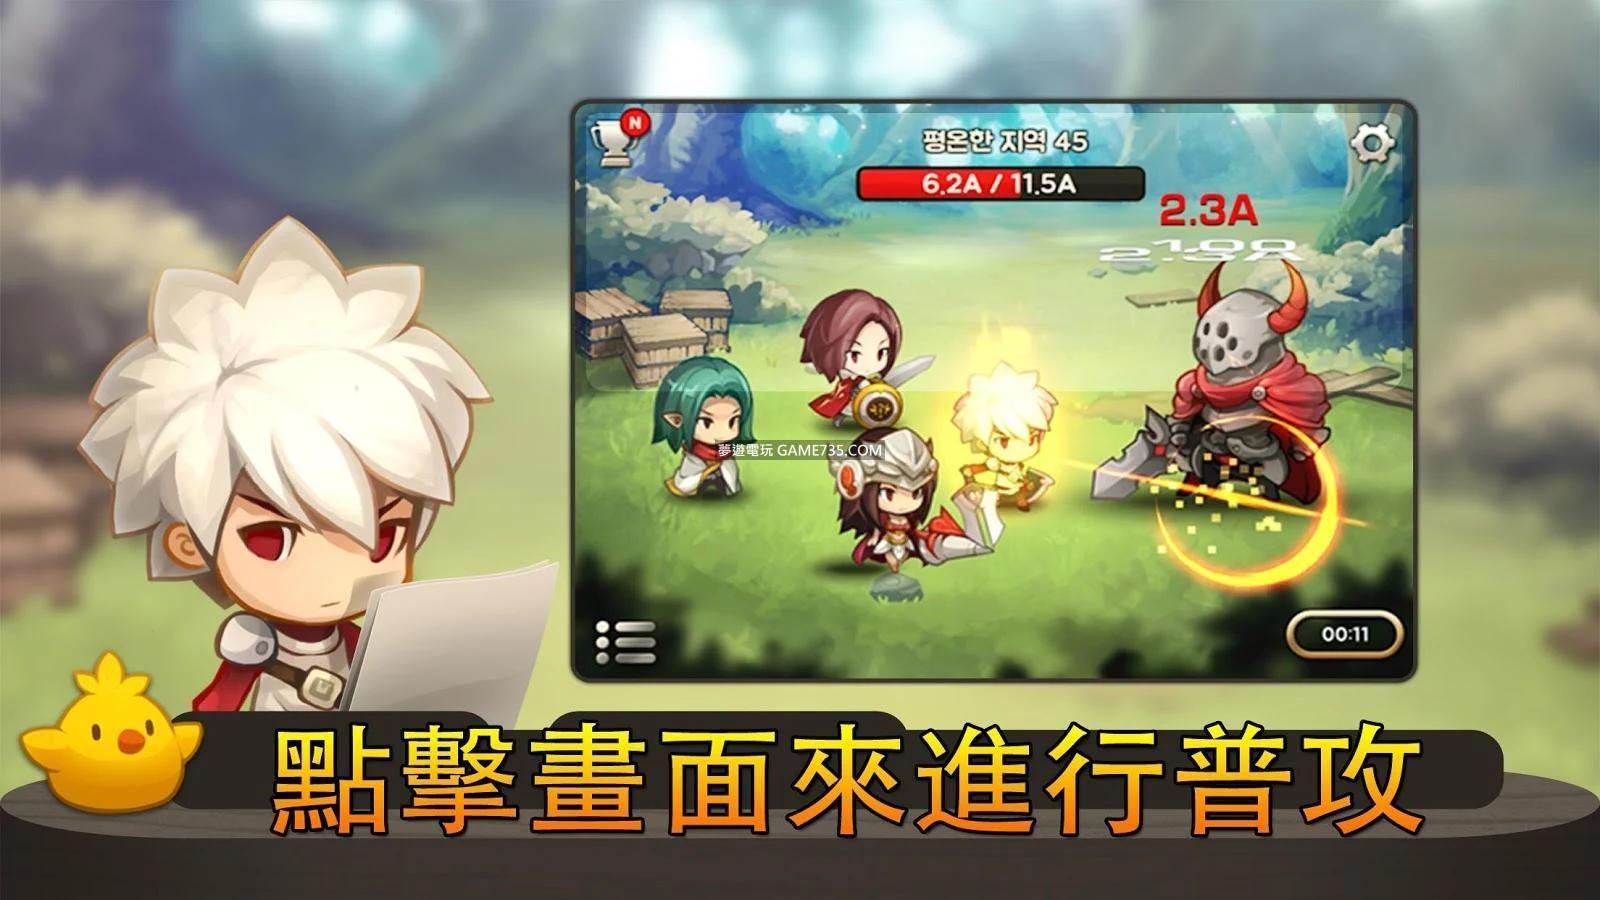 進攻之神 2.2.6 繁體中文修改版   無限自動攻擊+無敵秒殺+貨幣無限 2020.05.20